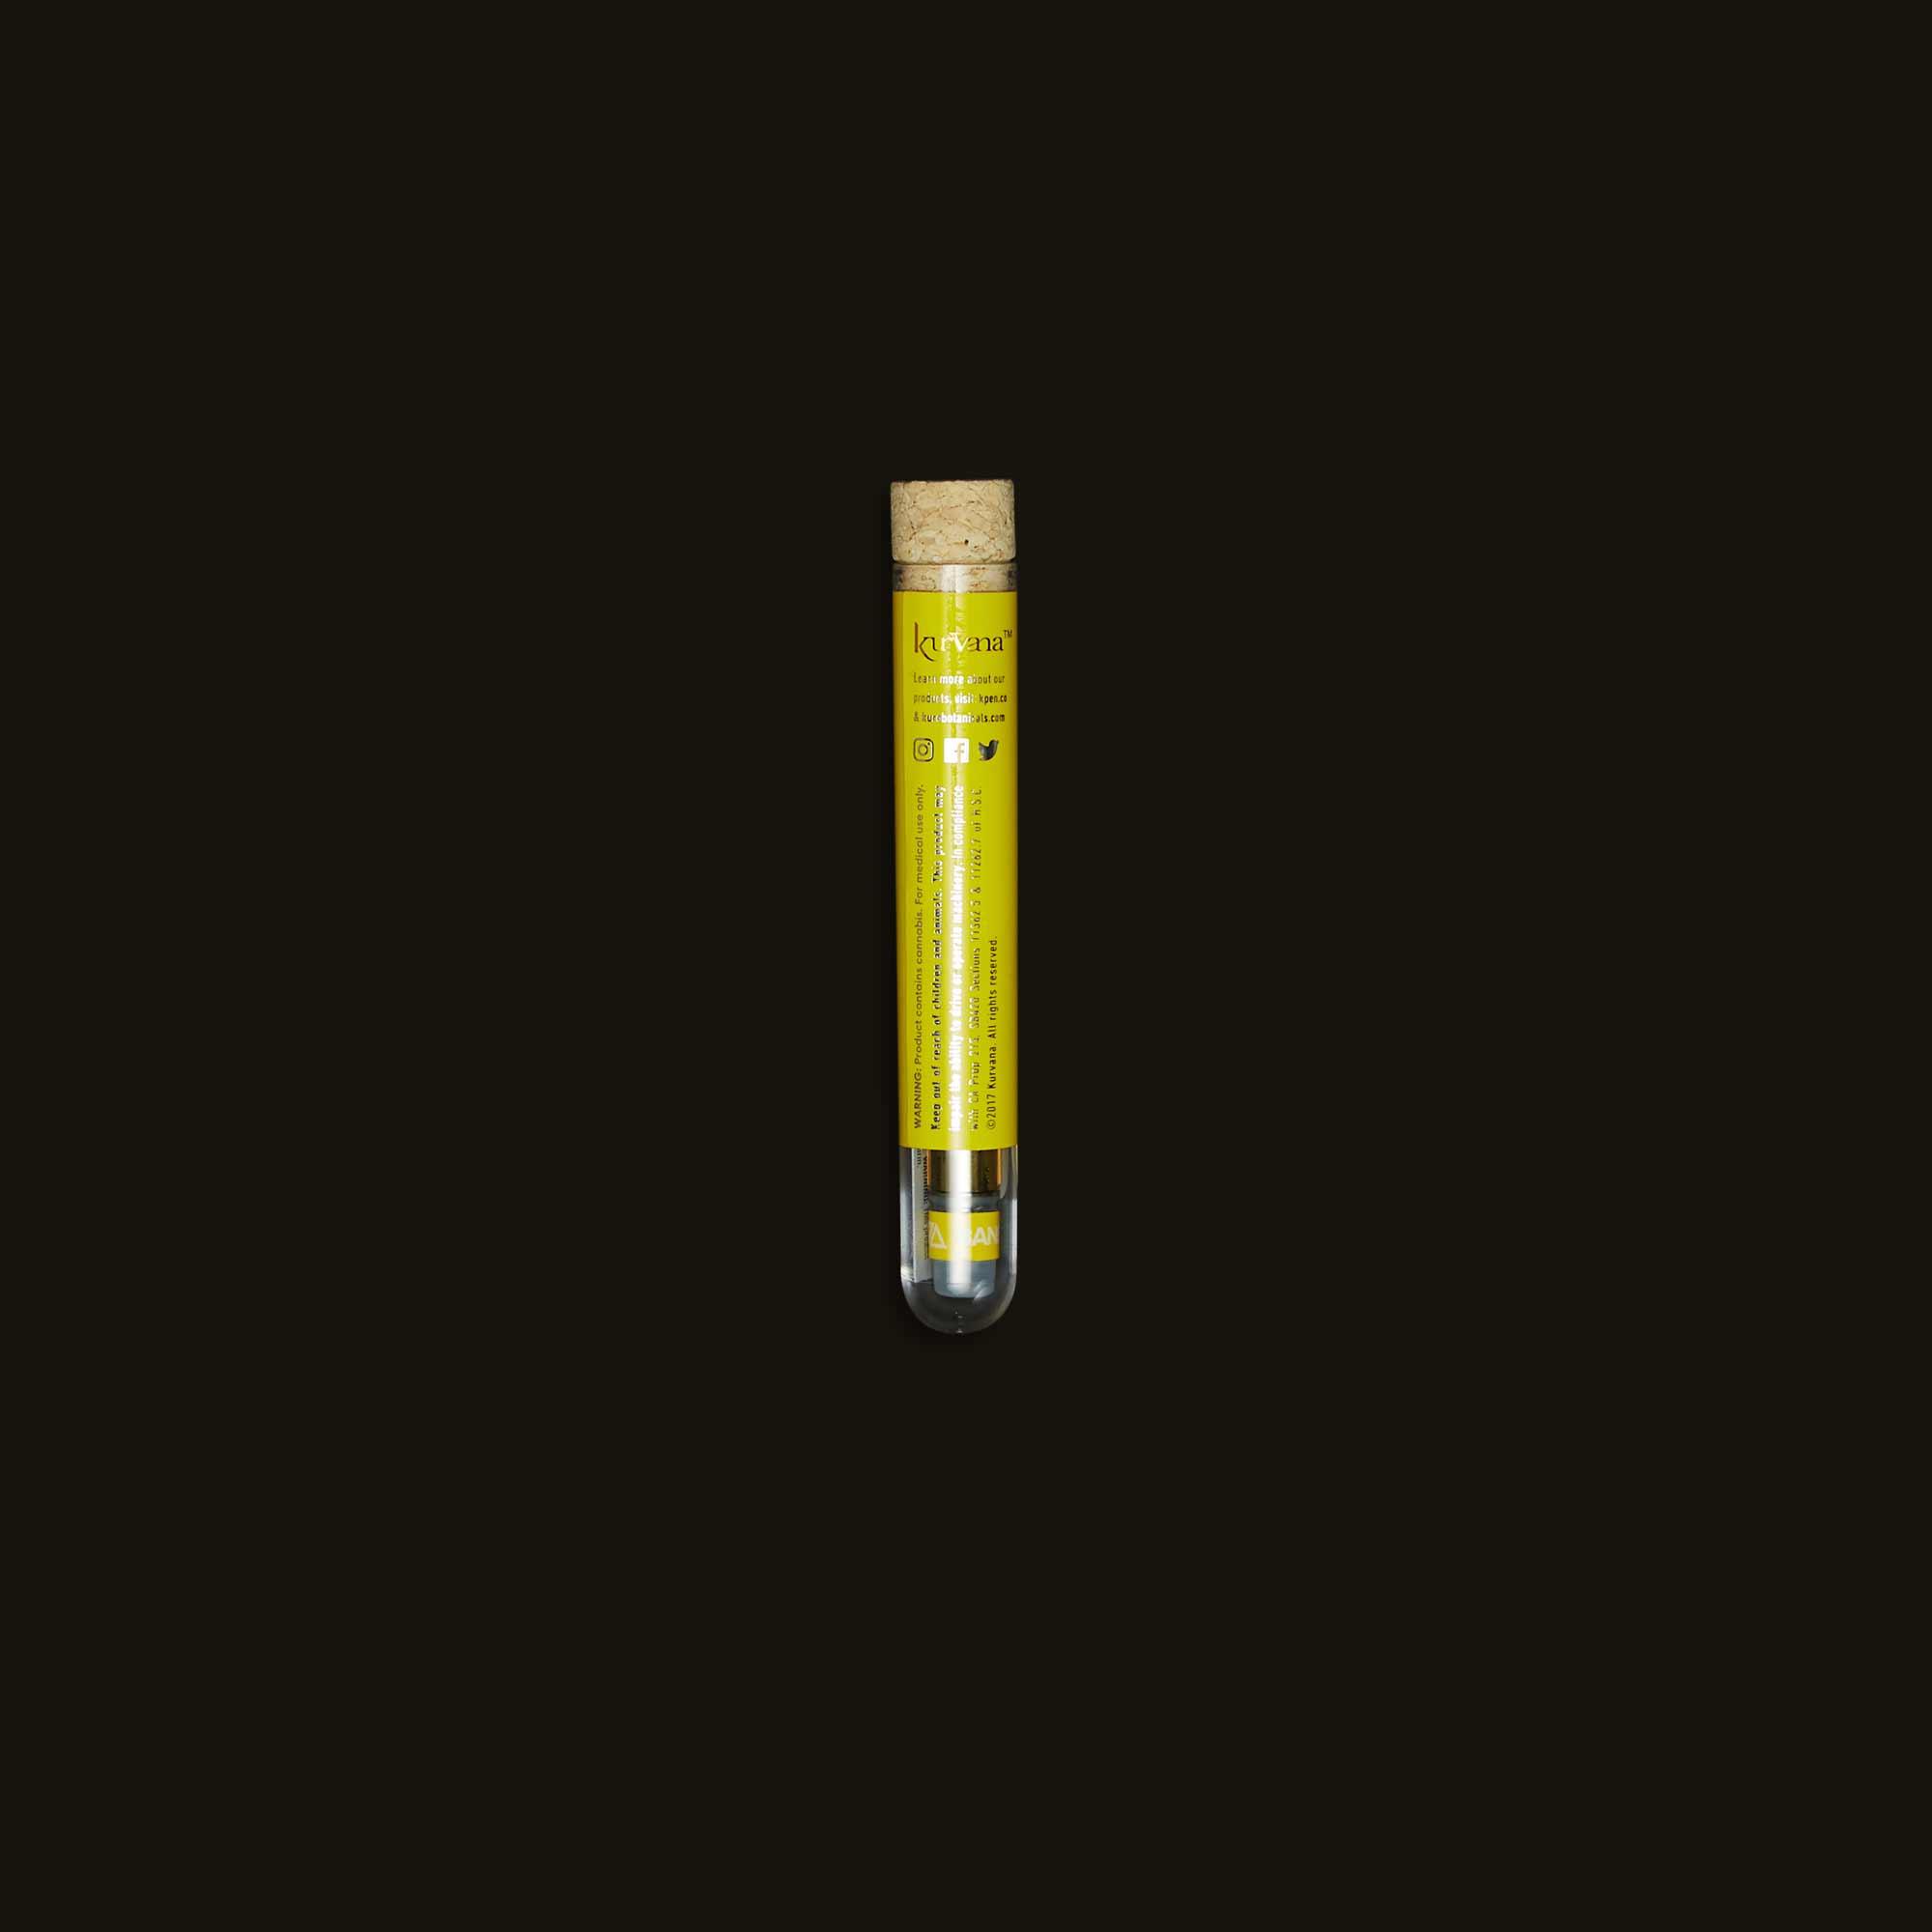 Banana Smoothie KPEN - .5g cartridge, 1g cartridge